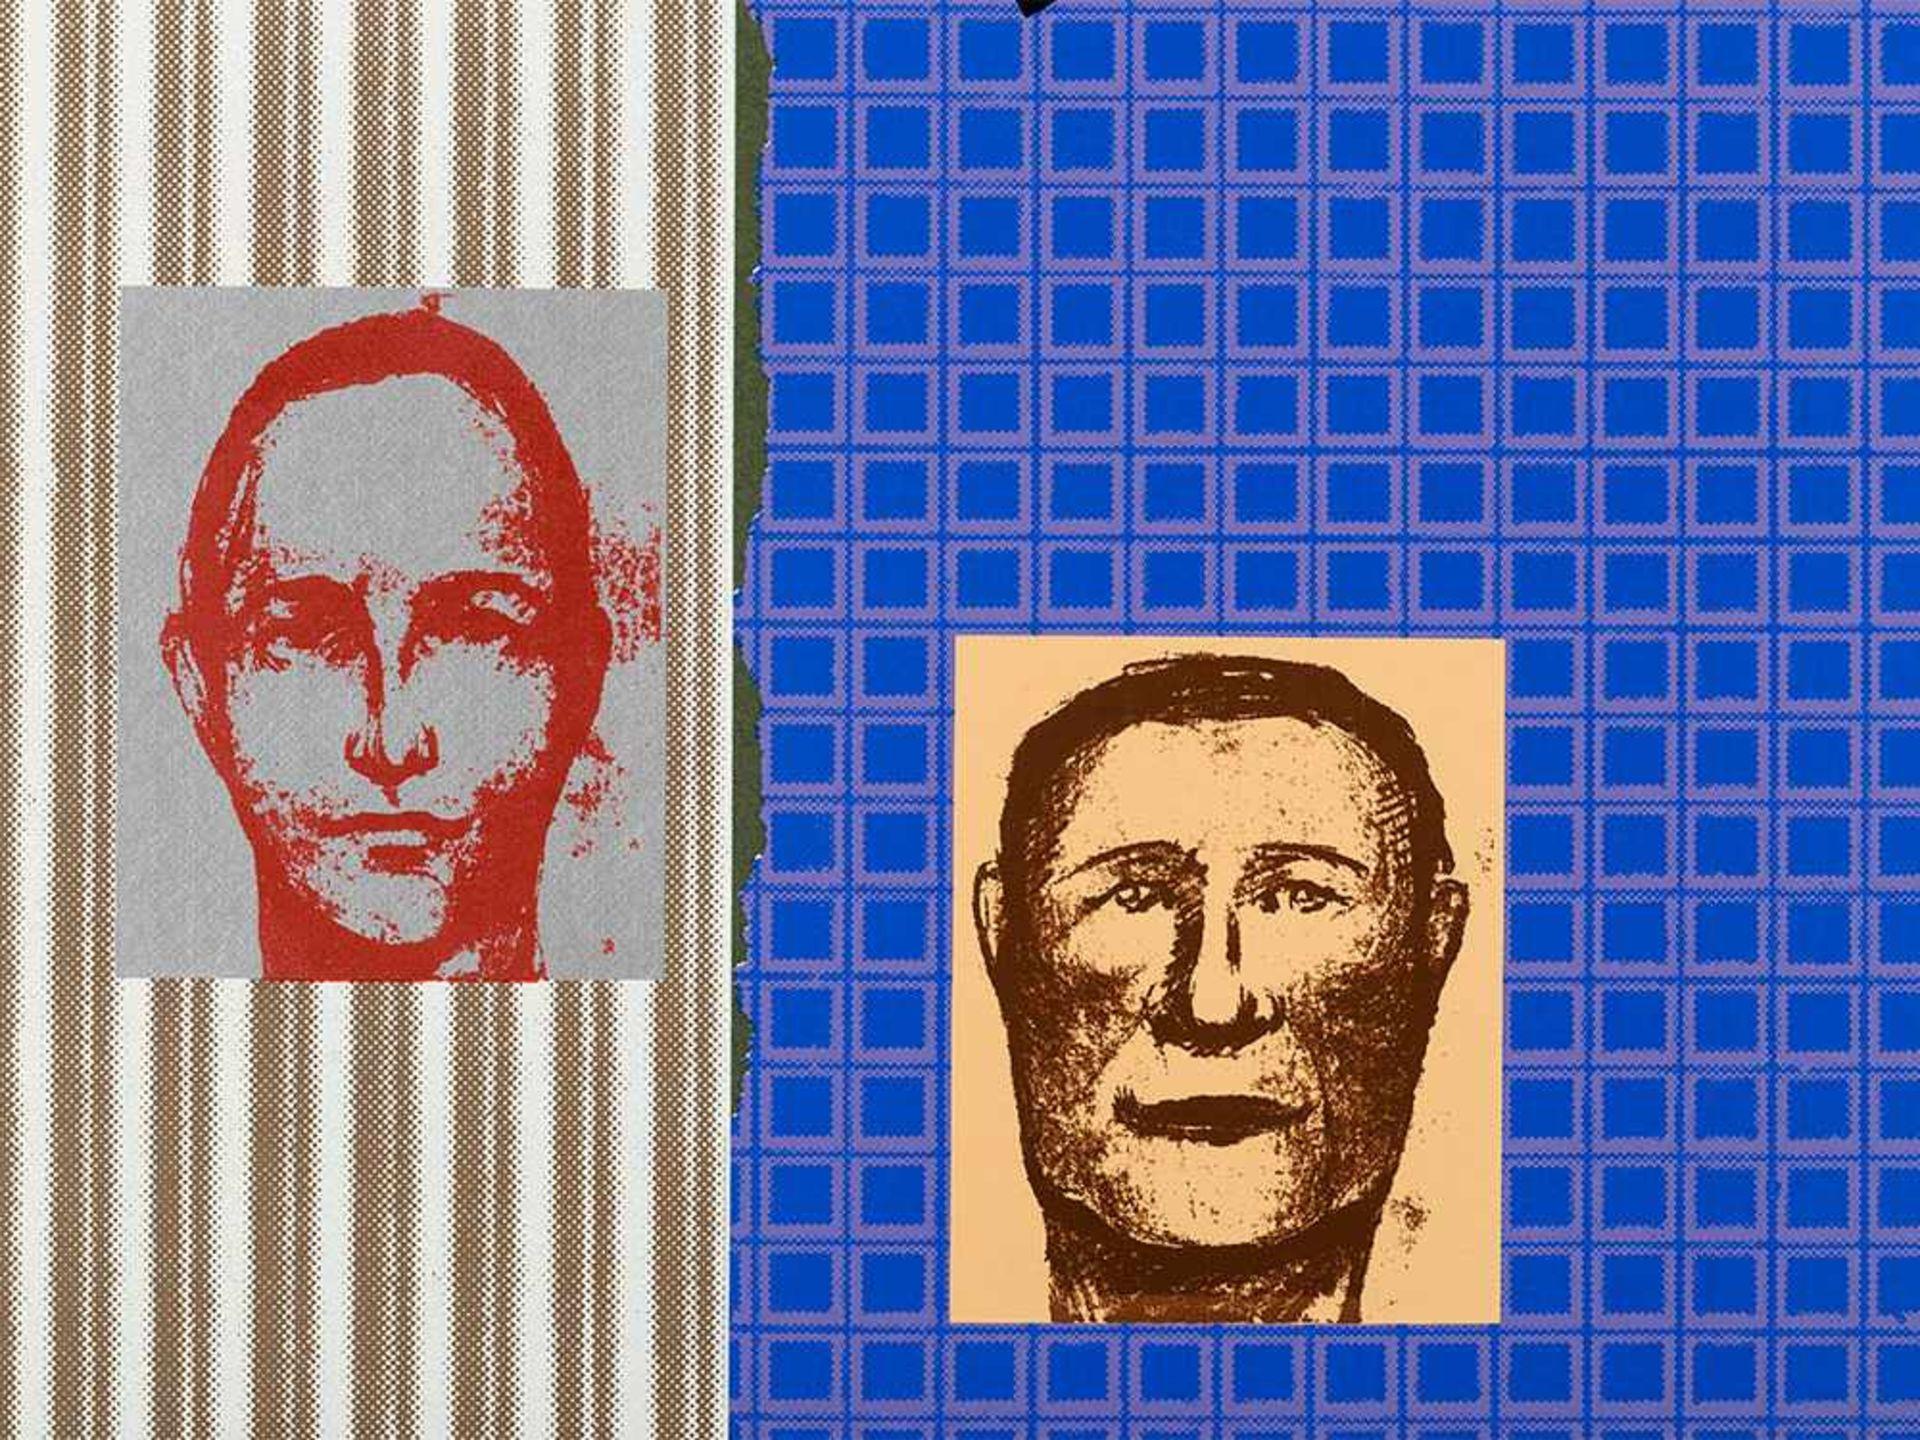 Los 78 - R. B. Kitaj, In His Forthcoming Book, Farbserigrafie, 1967 Farbserigrafie auf grünem Velin.